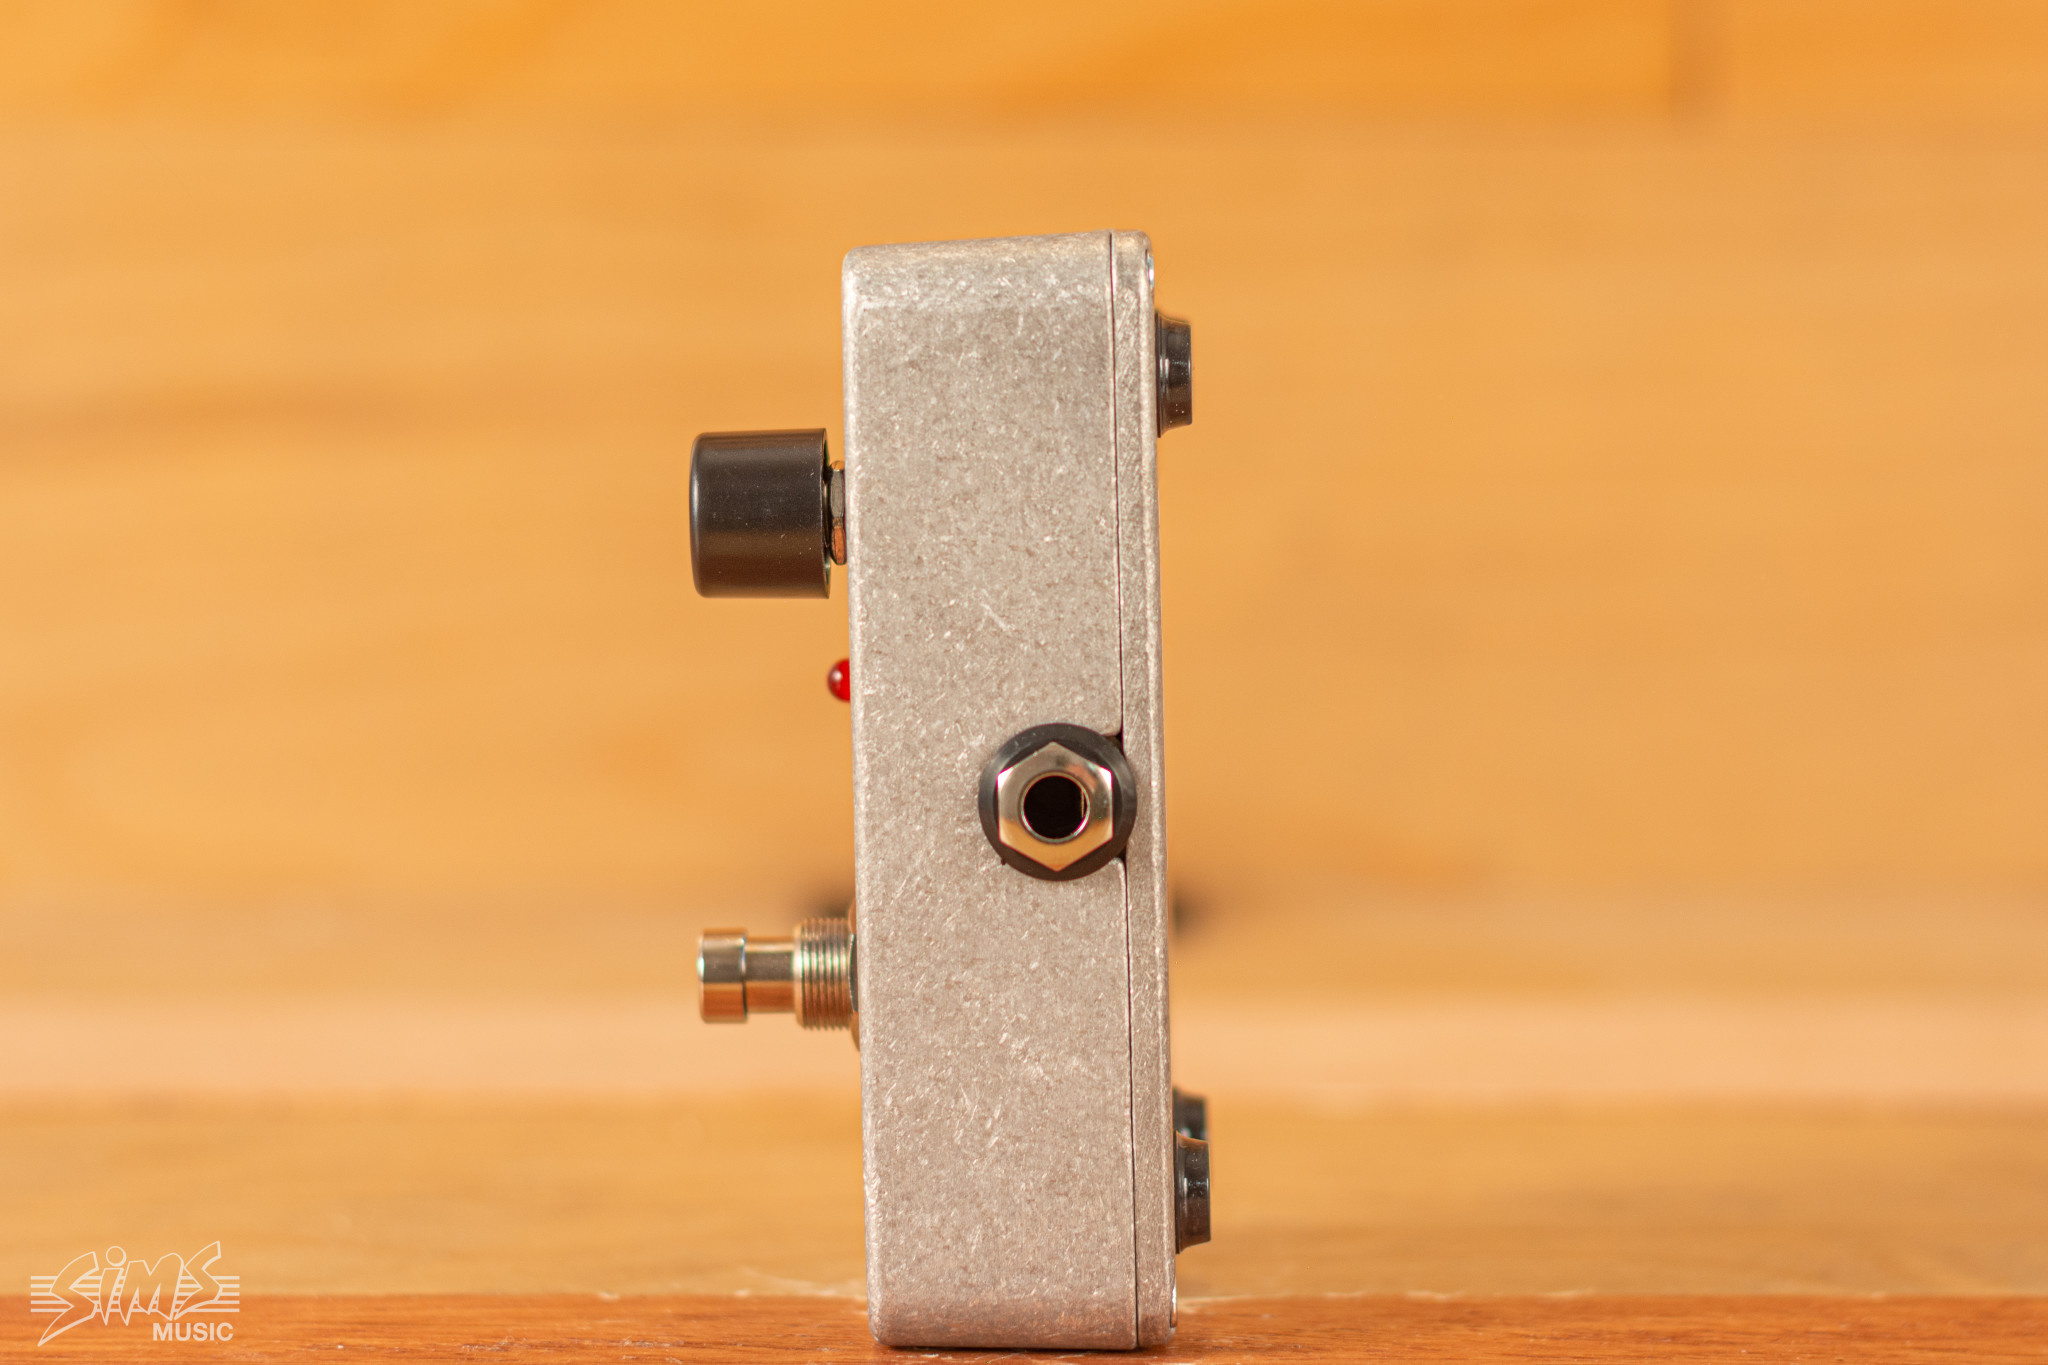 Electro-Harmonix Electro-Harmonix Holy Grail Reverb Pedal